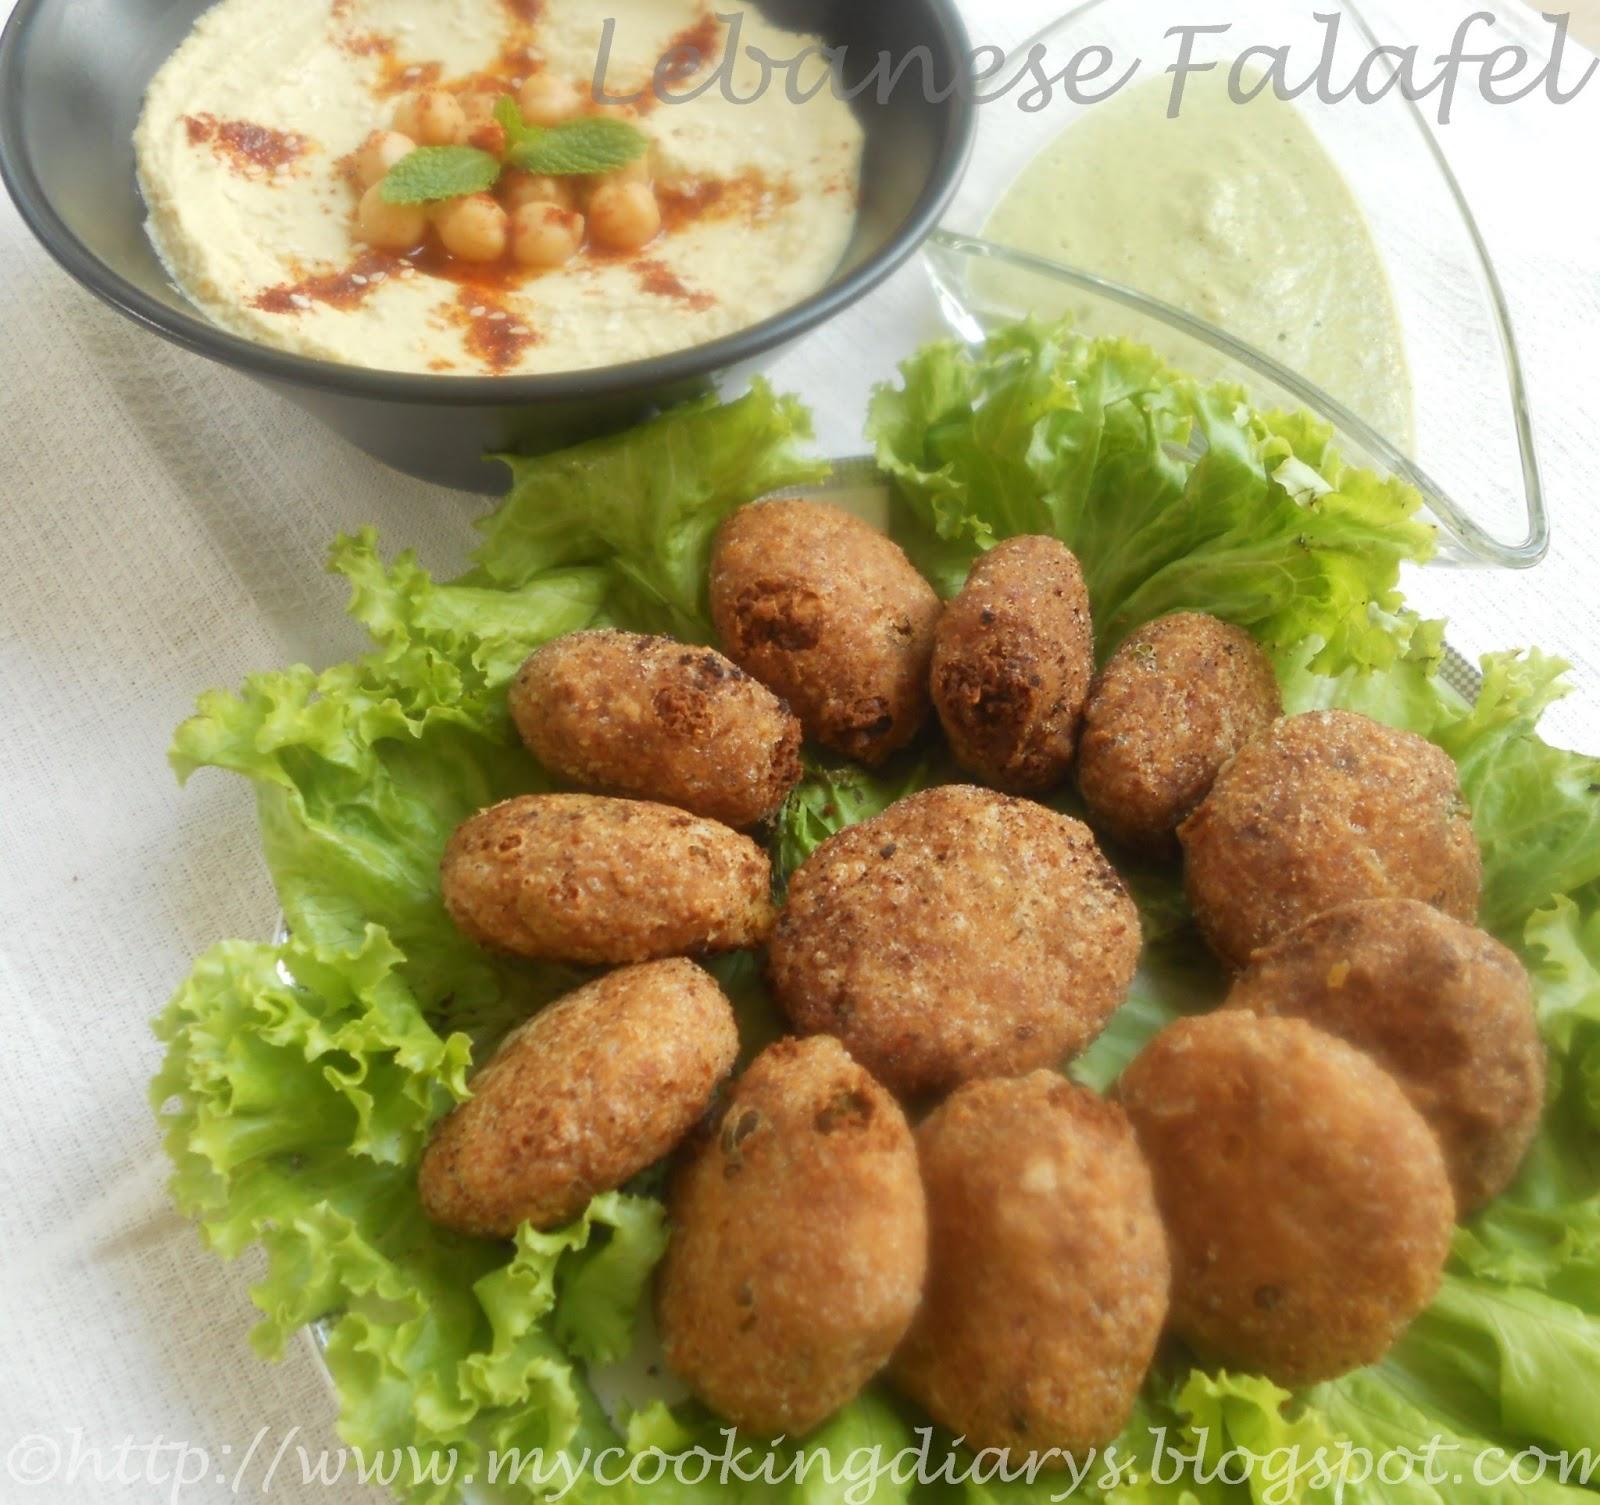 http://4.bp.blogspot.com/-8z8pJukb2iM/UUga237D8ZI/AAAAAAAABLM/C85Kz4OnyqY/s1600/Picture+2362.jpg